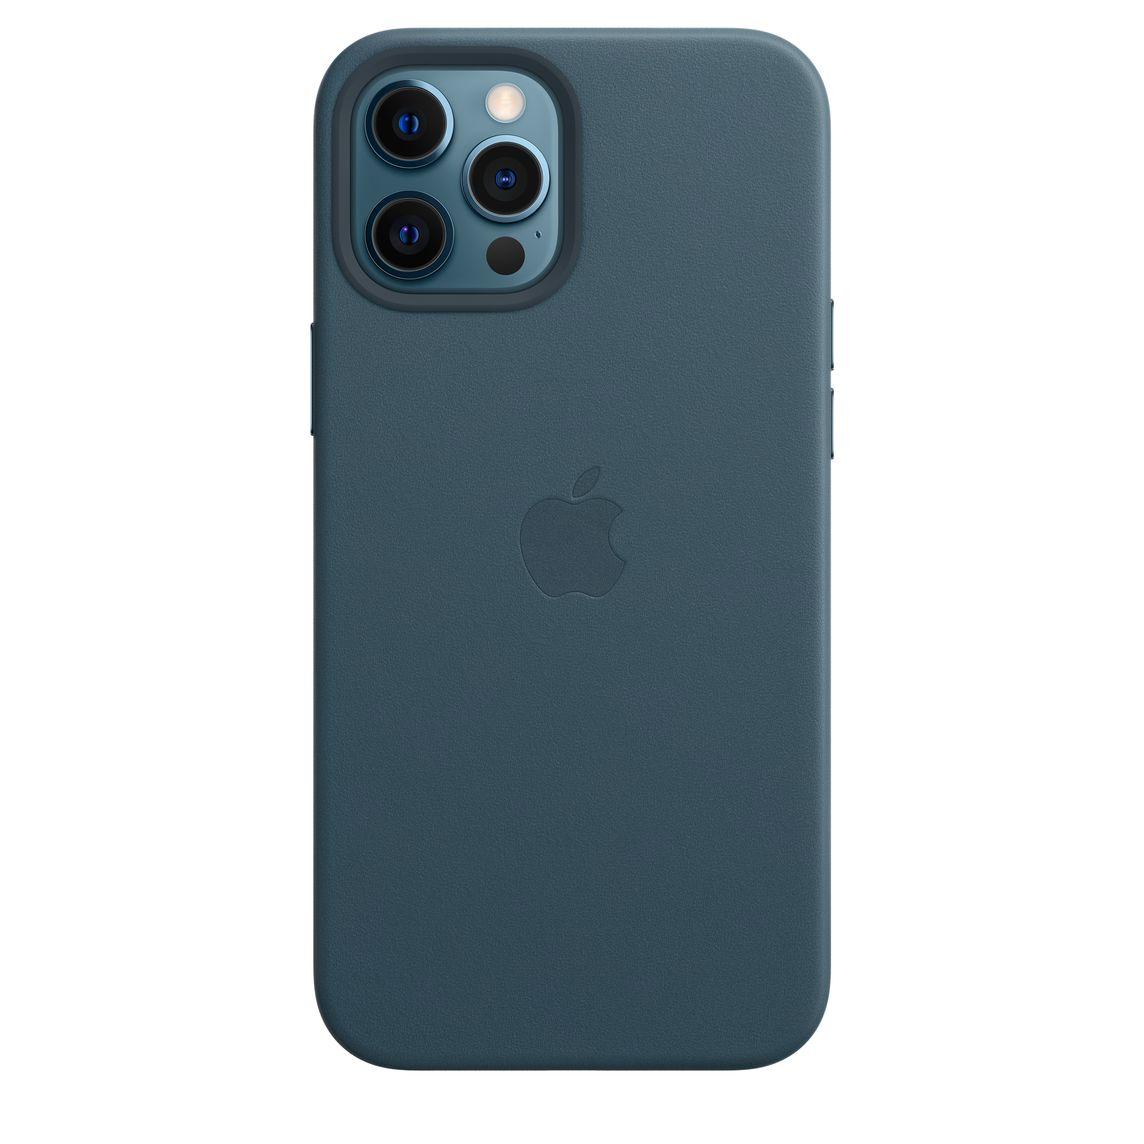 เคสหนังสำหรับ iPhone 12 Pro Max พร้อม MagSafe - สีบอลติกบลู - Apple (TH)